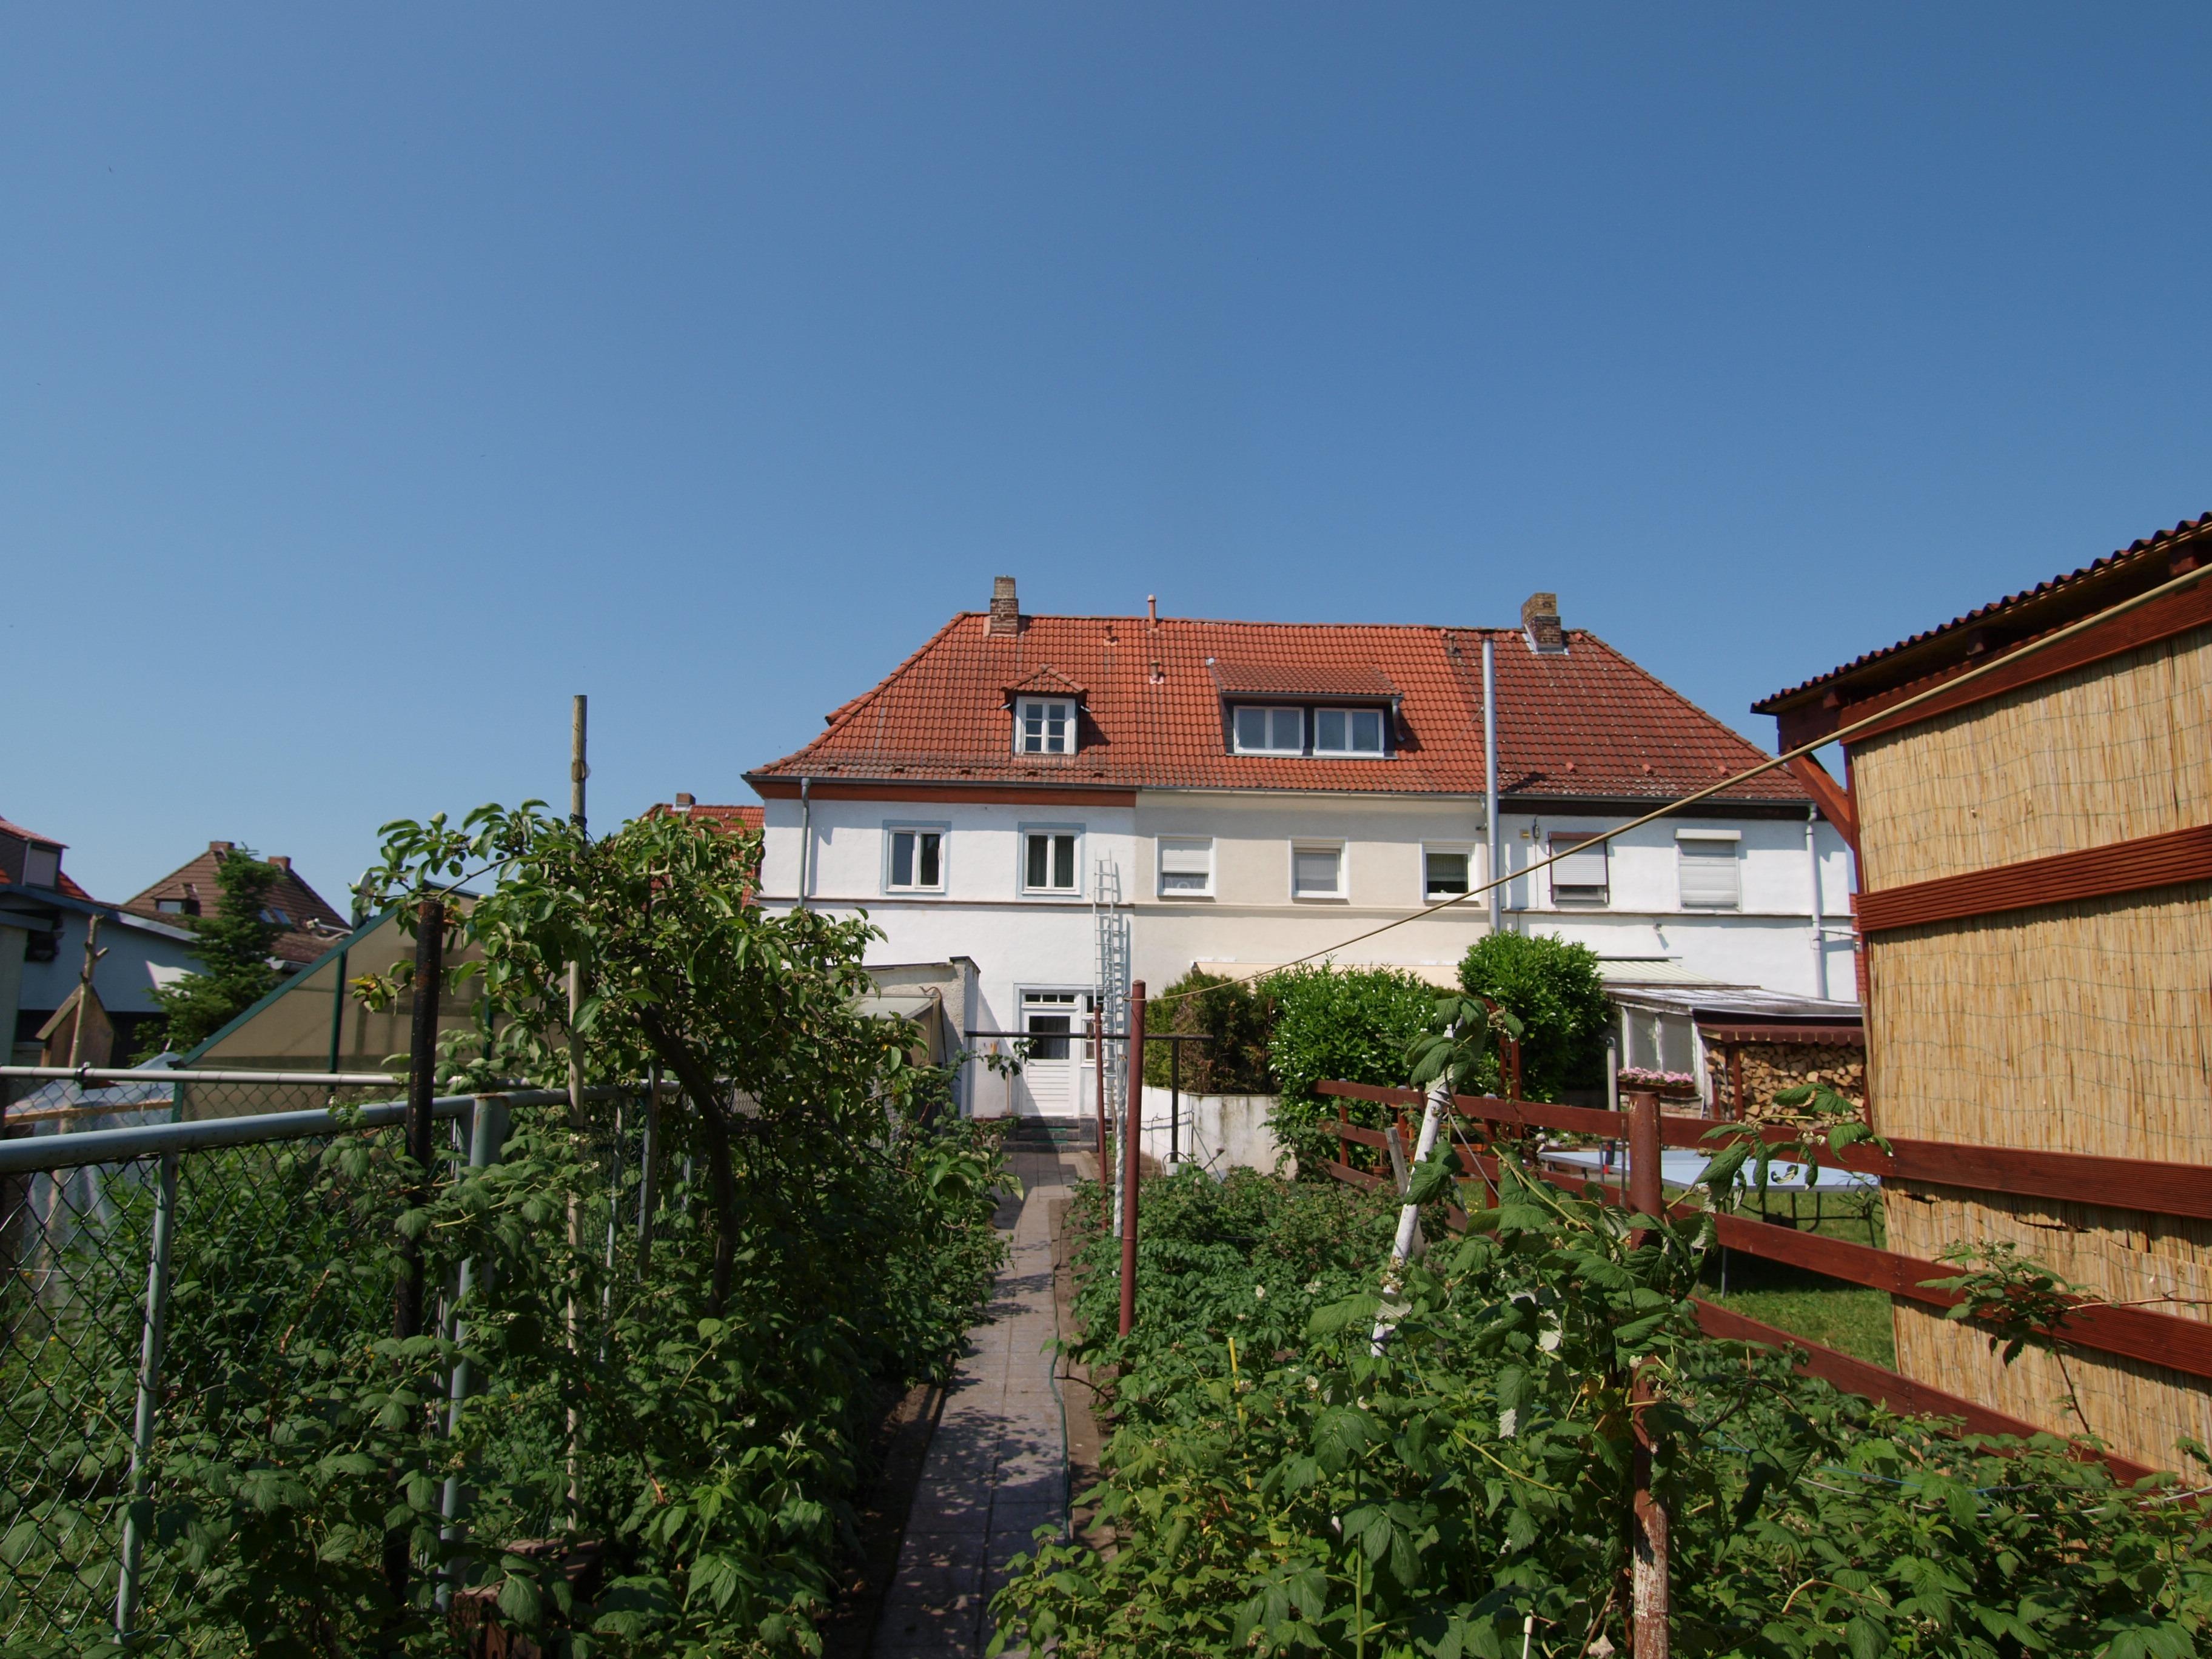 Einfamilienhaus - Blick vom Garten